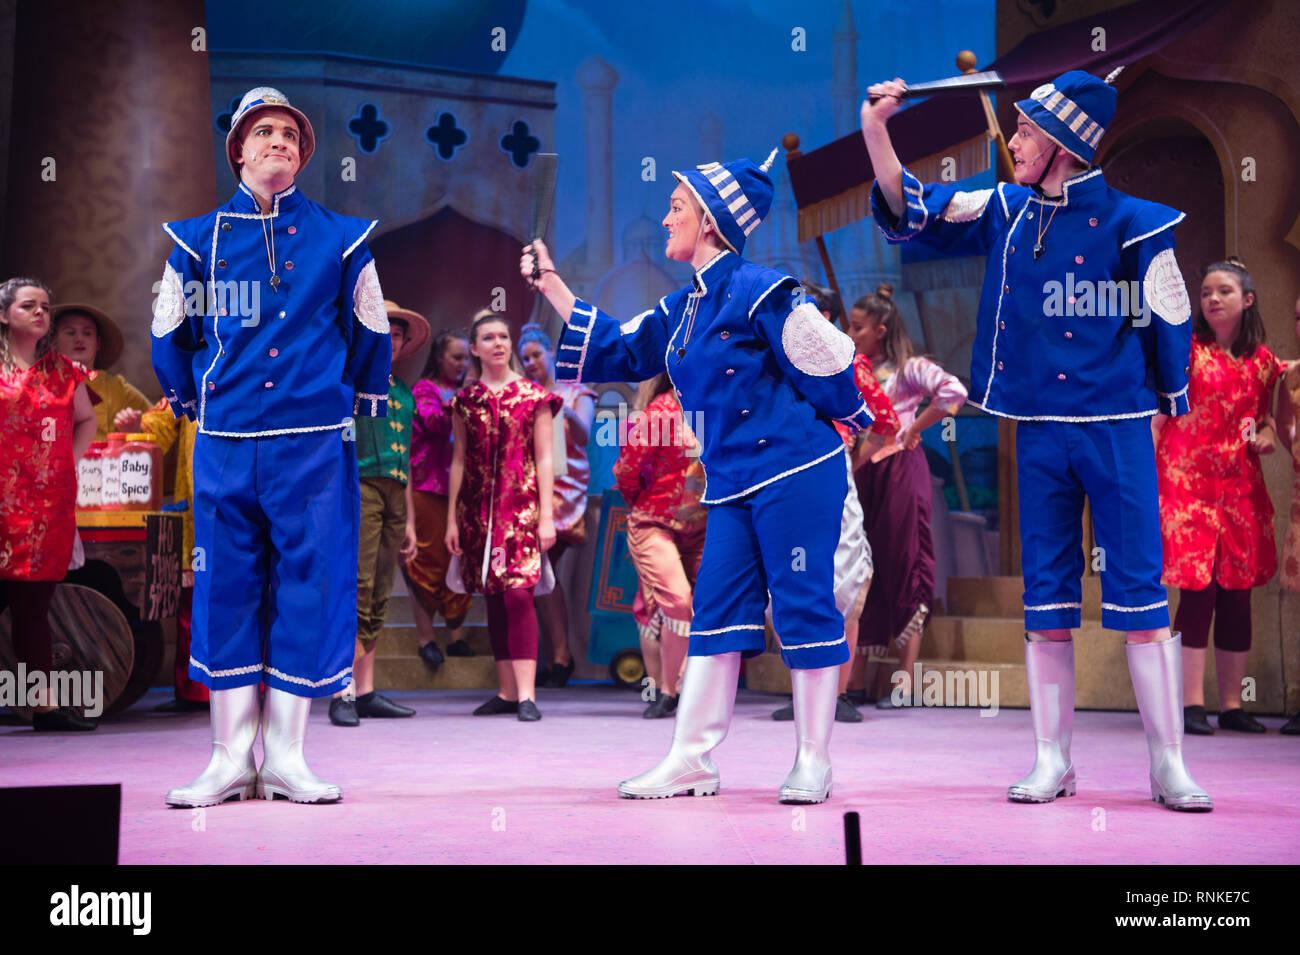 Traditionelle britische Pantomime Weihnachten Familie Unterhaltung: ein Bewunderer nicht-professionellen lokalen Theater Company (die Aufseher) auf der Bühne in Aberystwyth Arts Zenter. Januar 2019 Stockbild